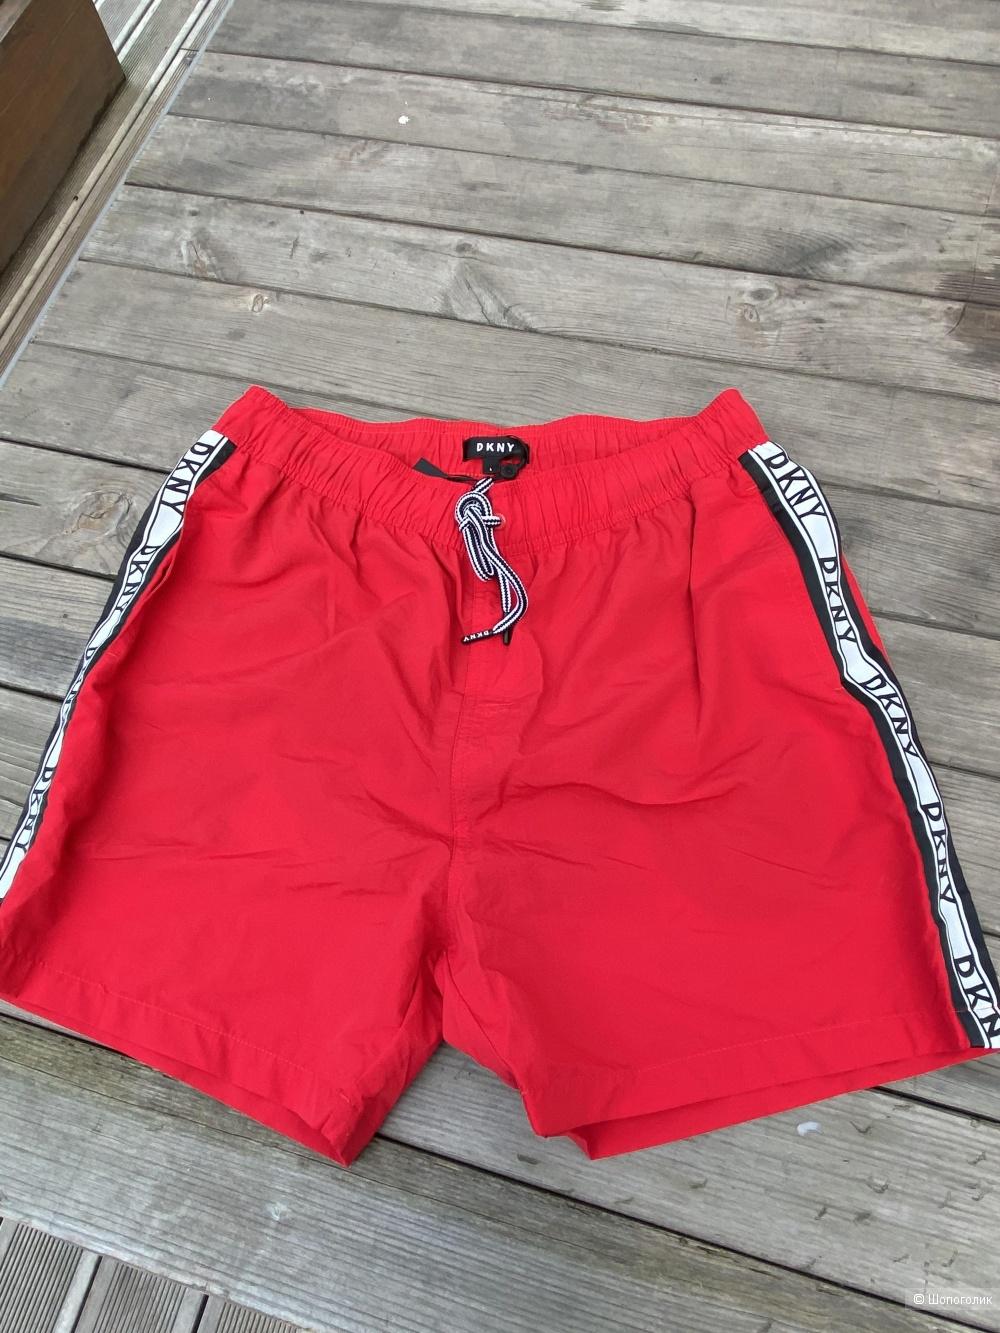 Мужские плавательные шорты DKNY, pp L